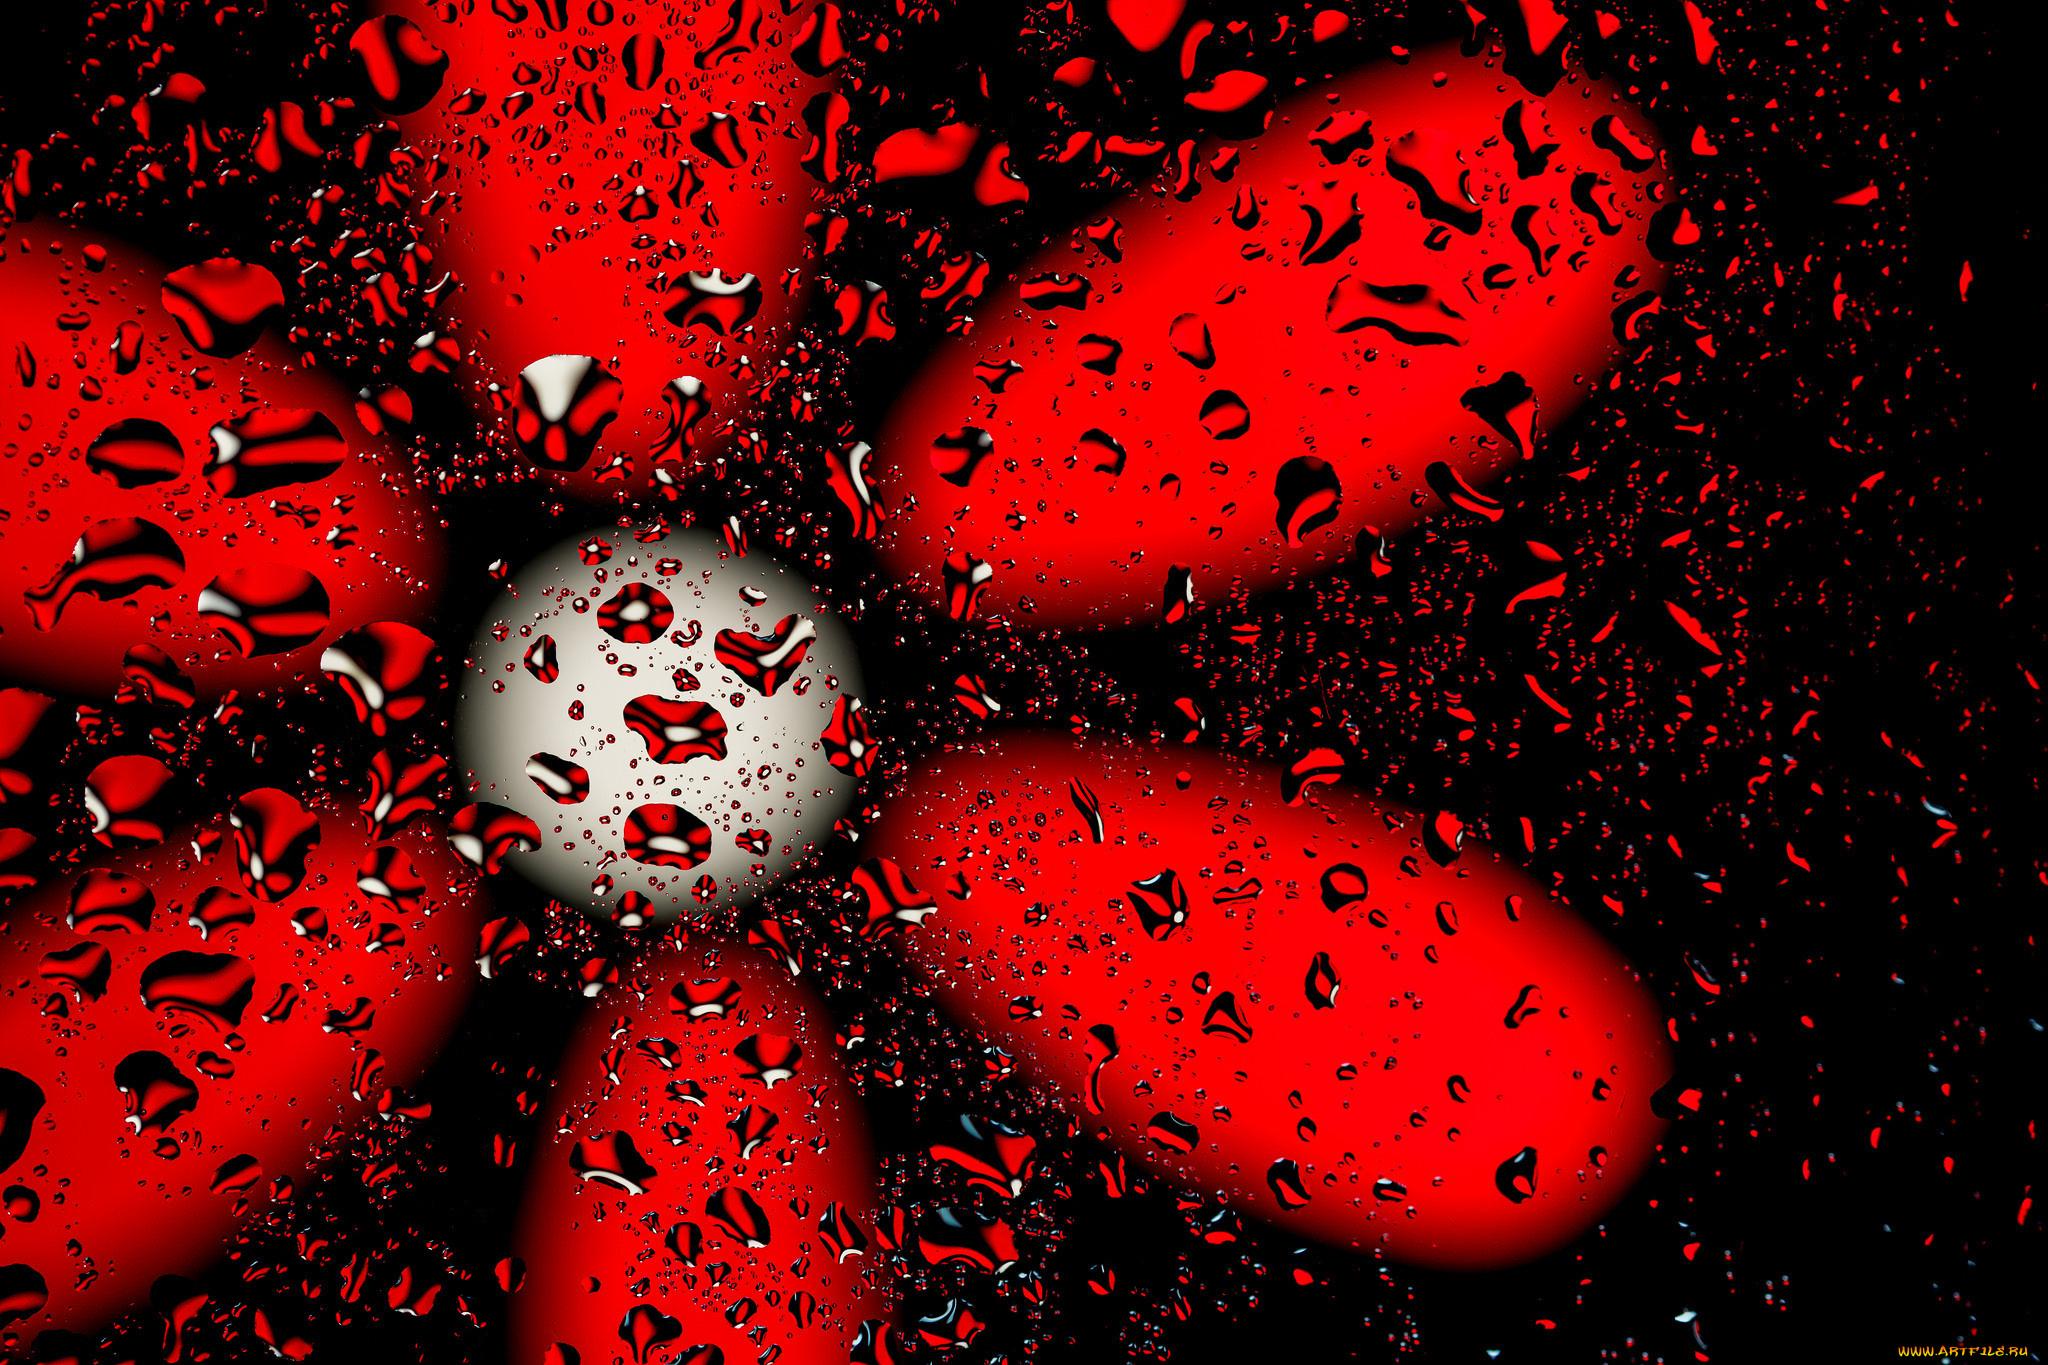 загружайте прикольные картинки красного цвета год жизни малыша